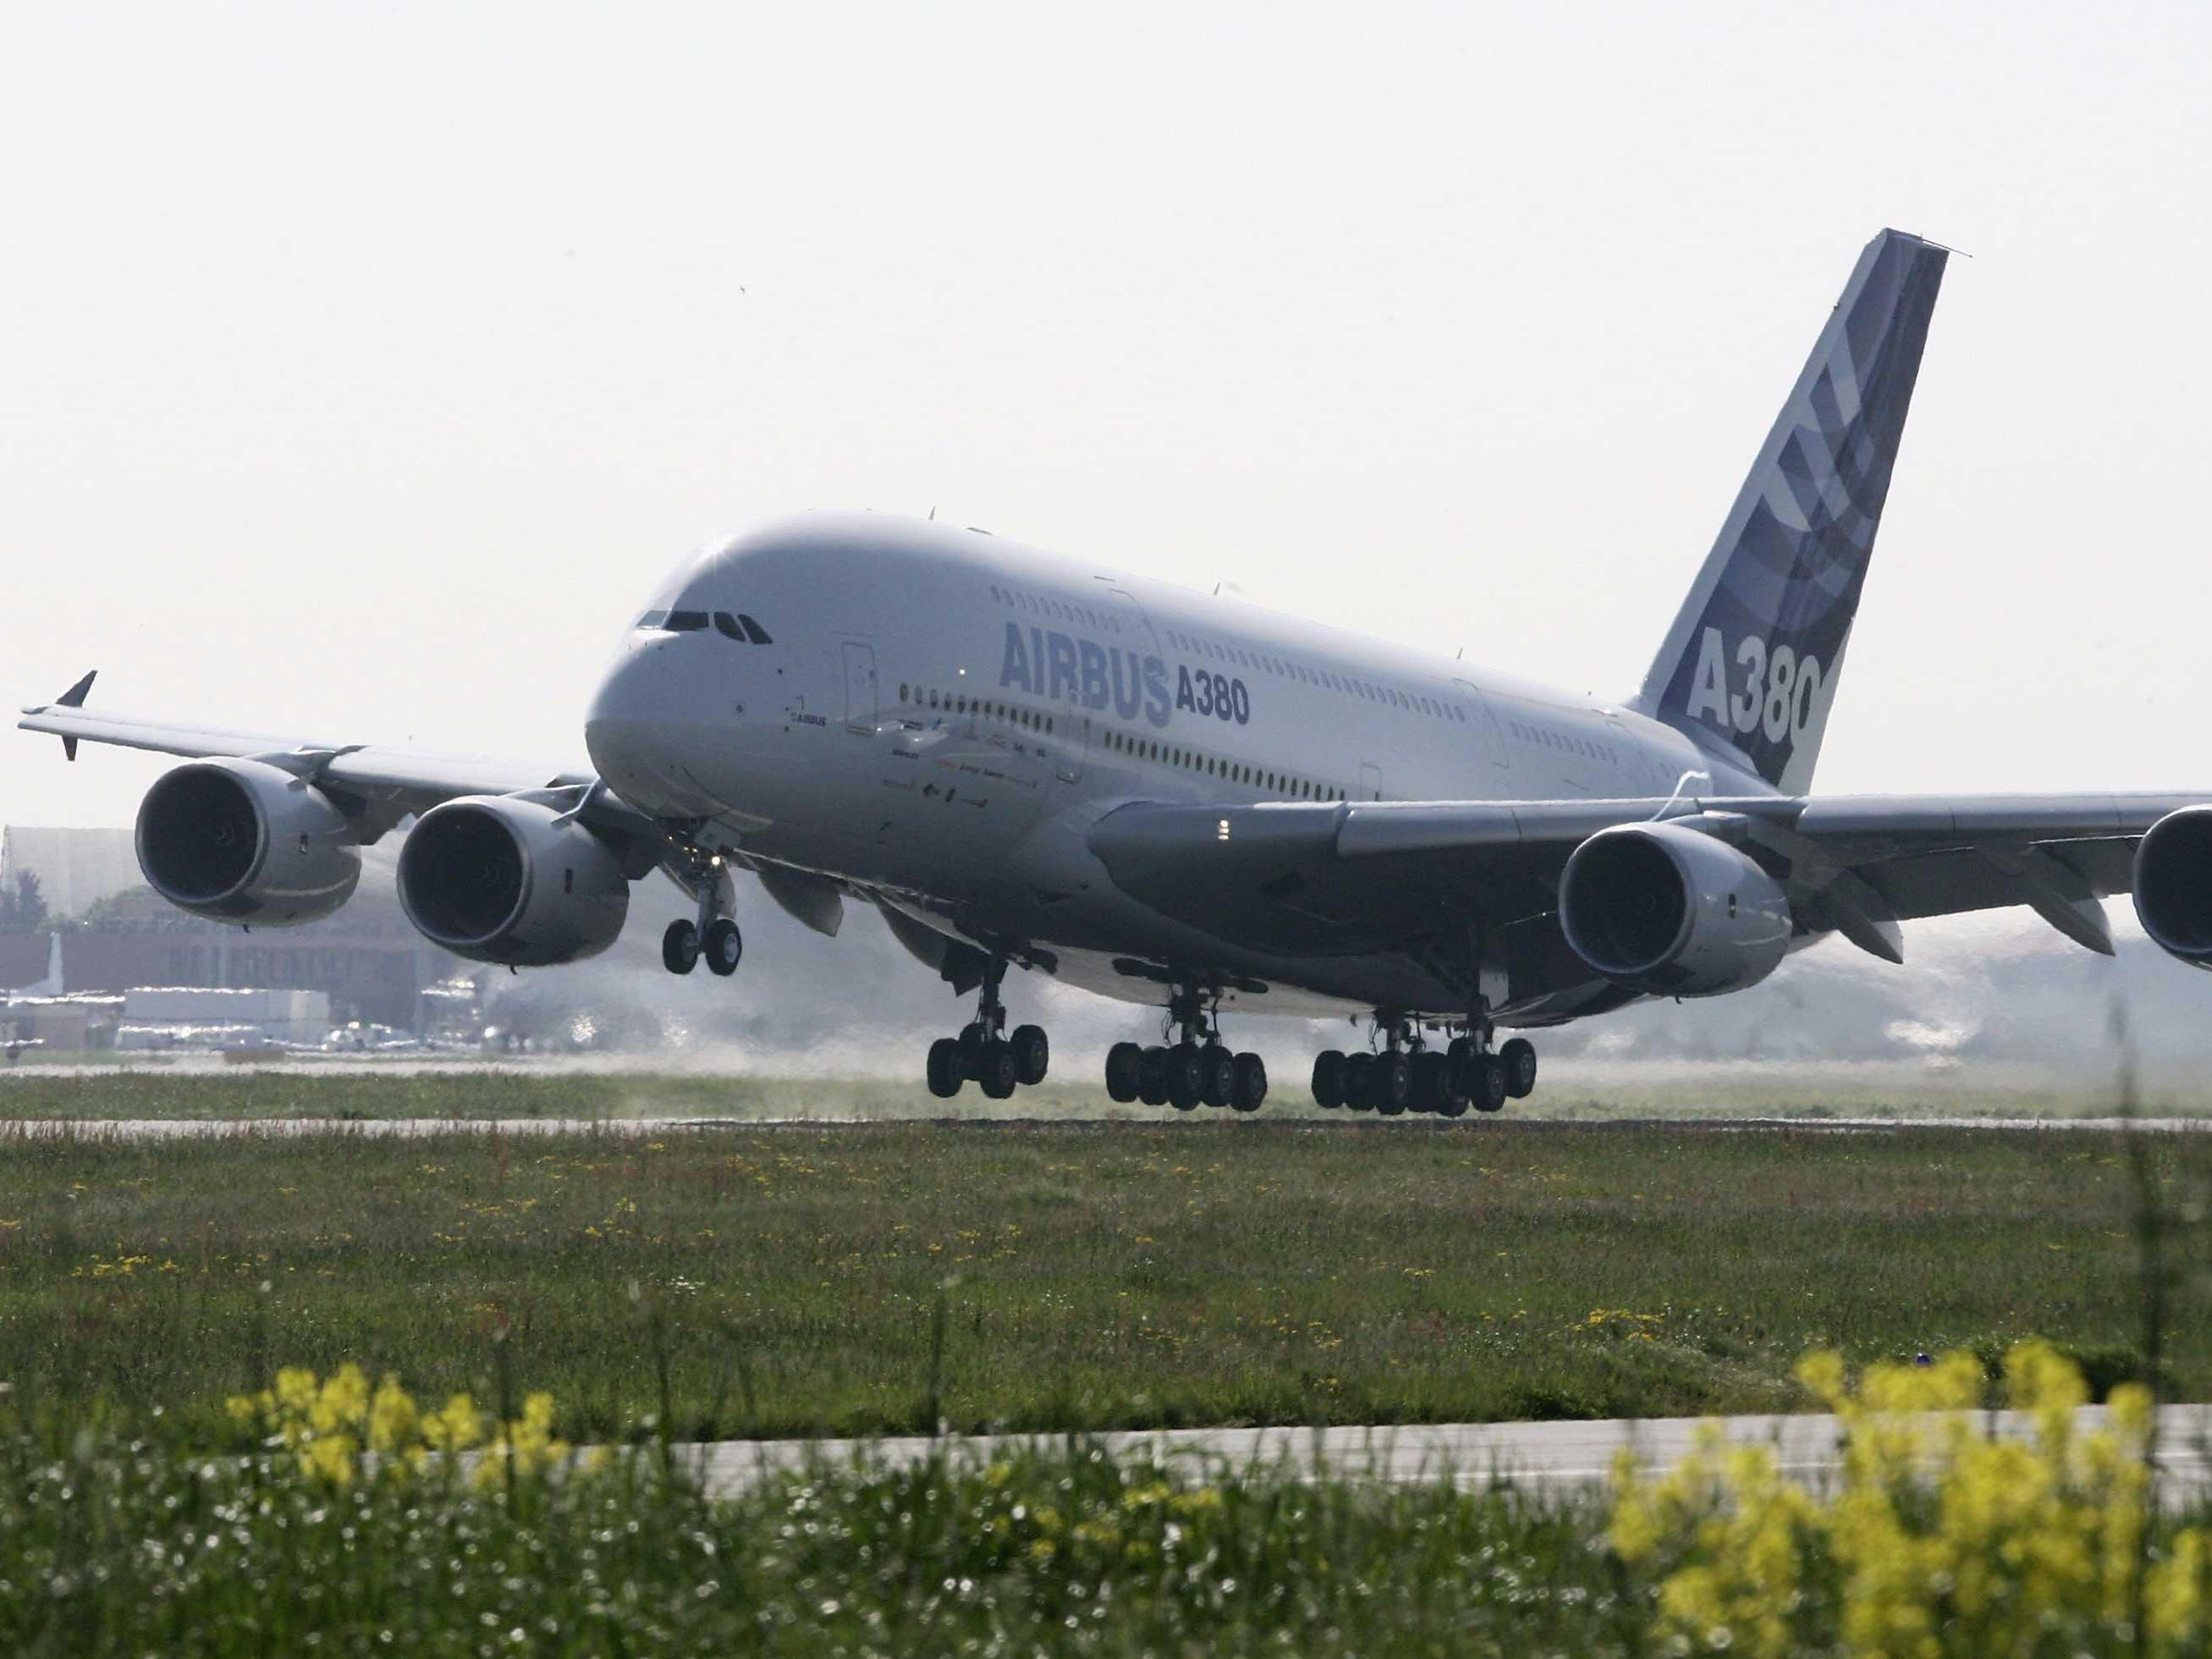 නිල් අහසේ පියාසලන යෝධ Airbus A380